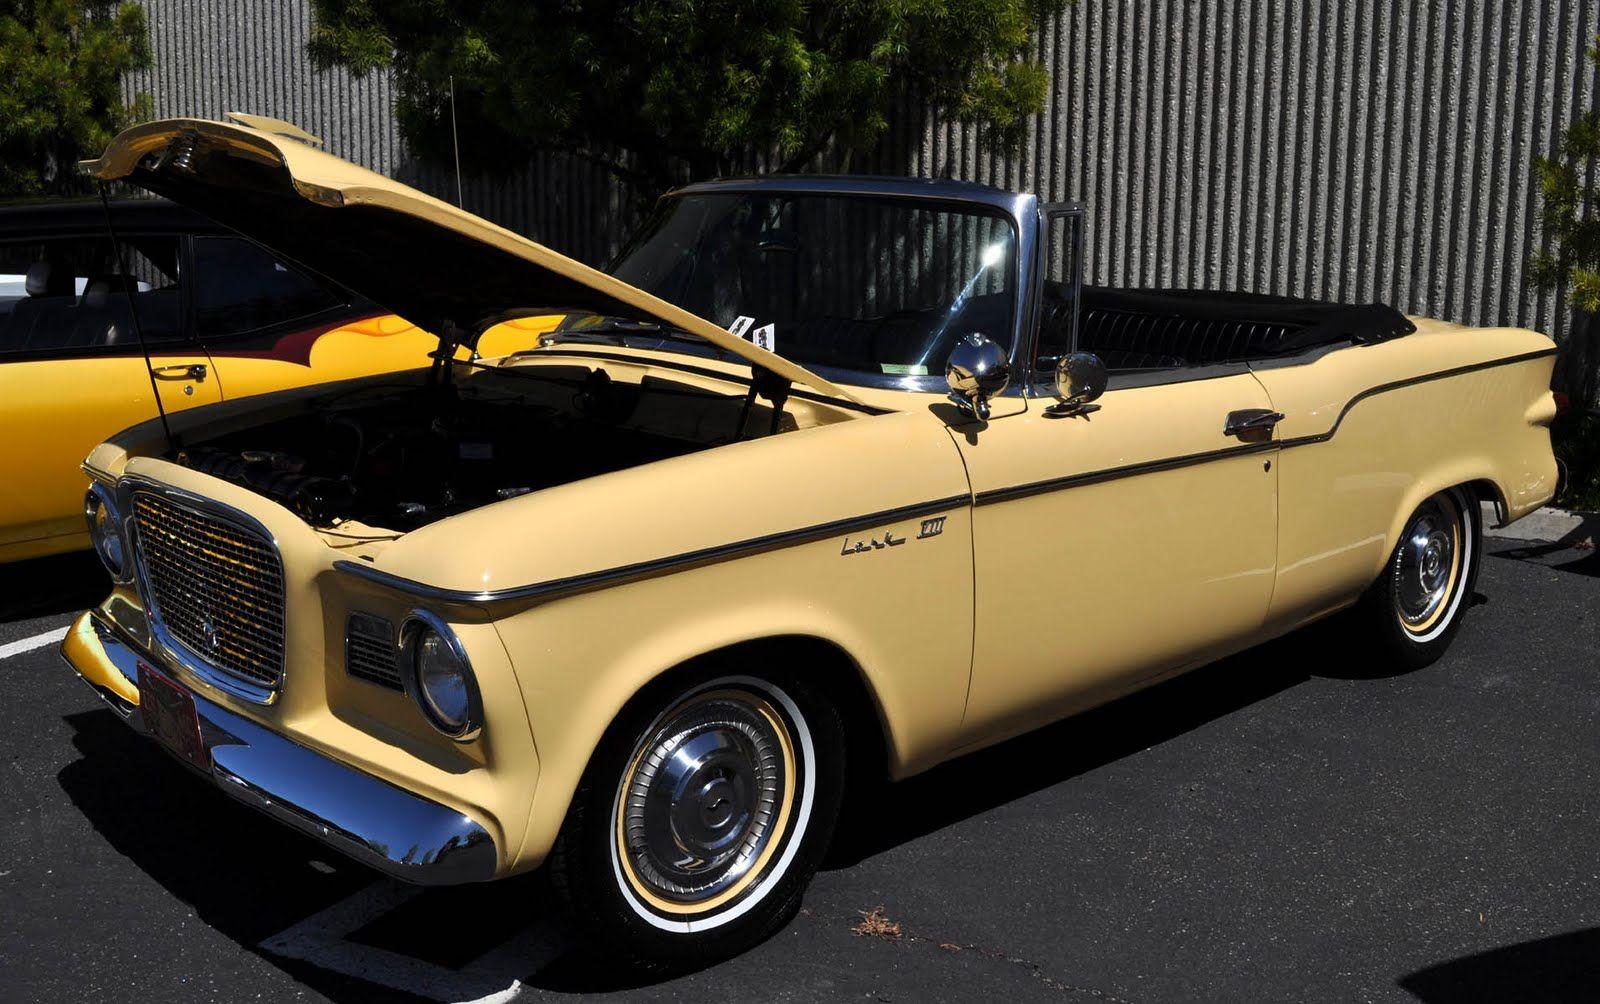 Studebaker Lark Classic Cars Trucks Studebaker Classic Cars